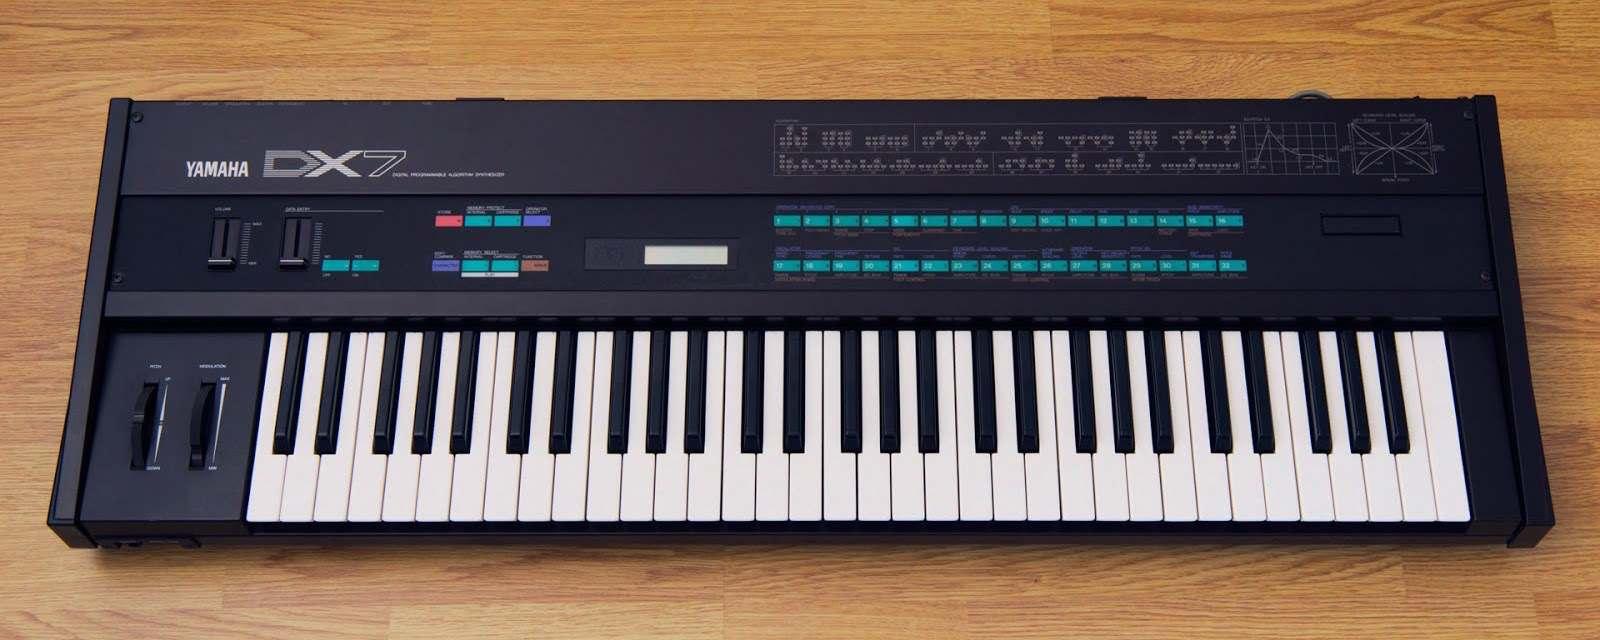 Đàn synthesizer là gì? Top 5 synthesizer tốt nhất trên thị trường năm 2021